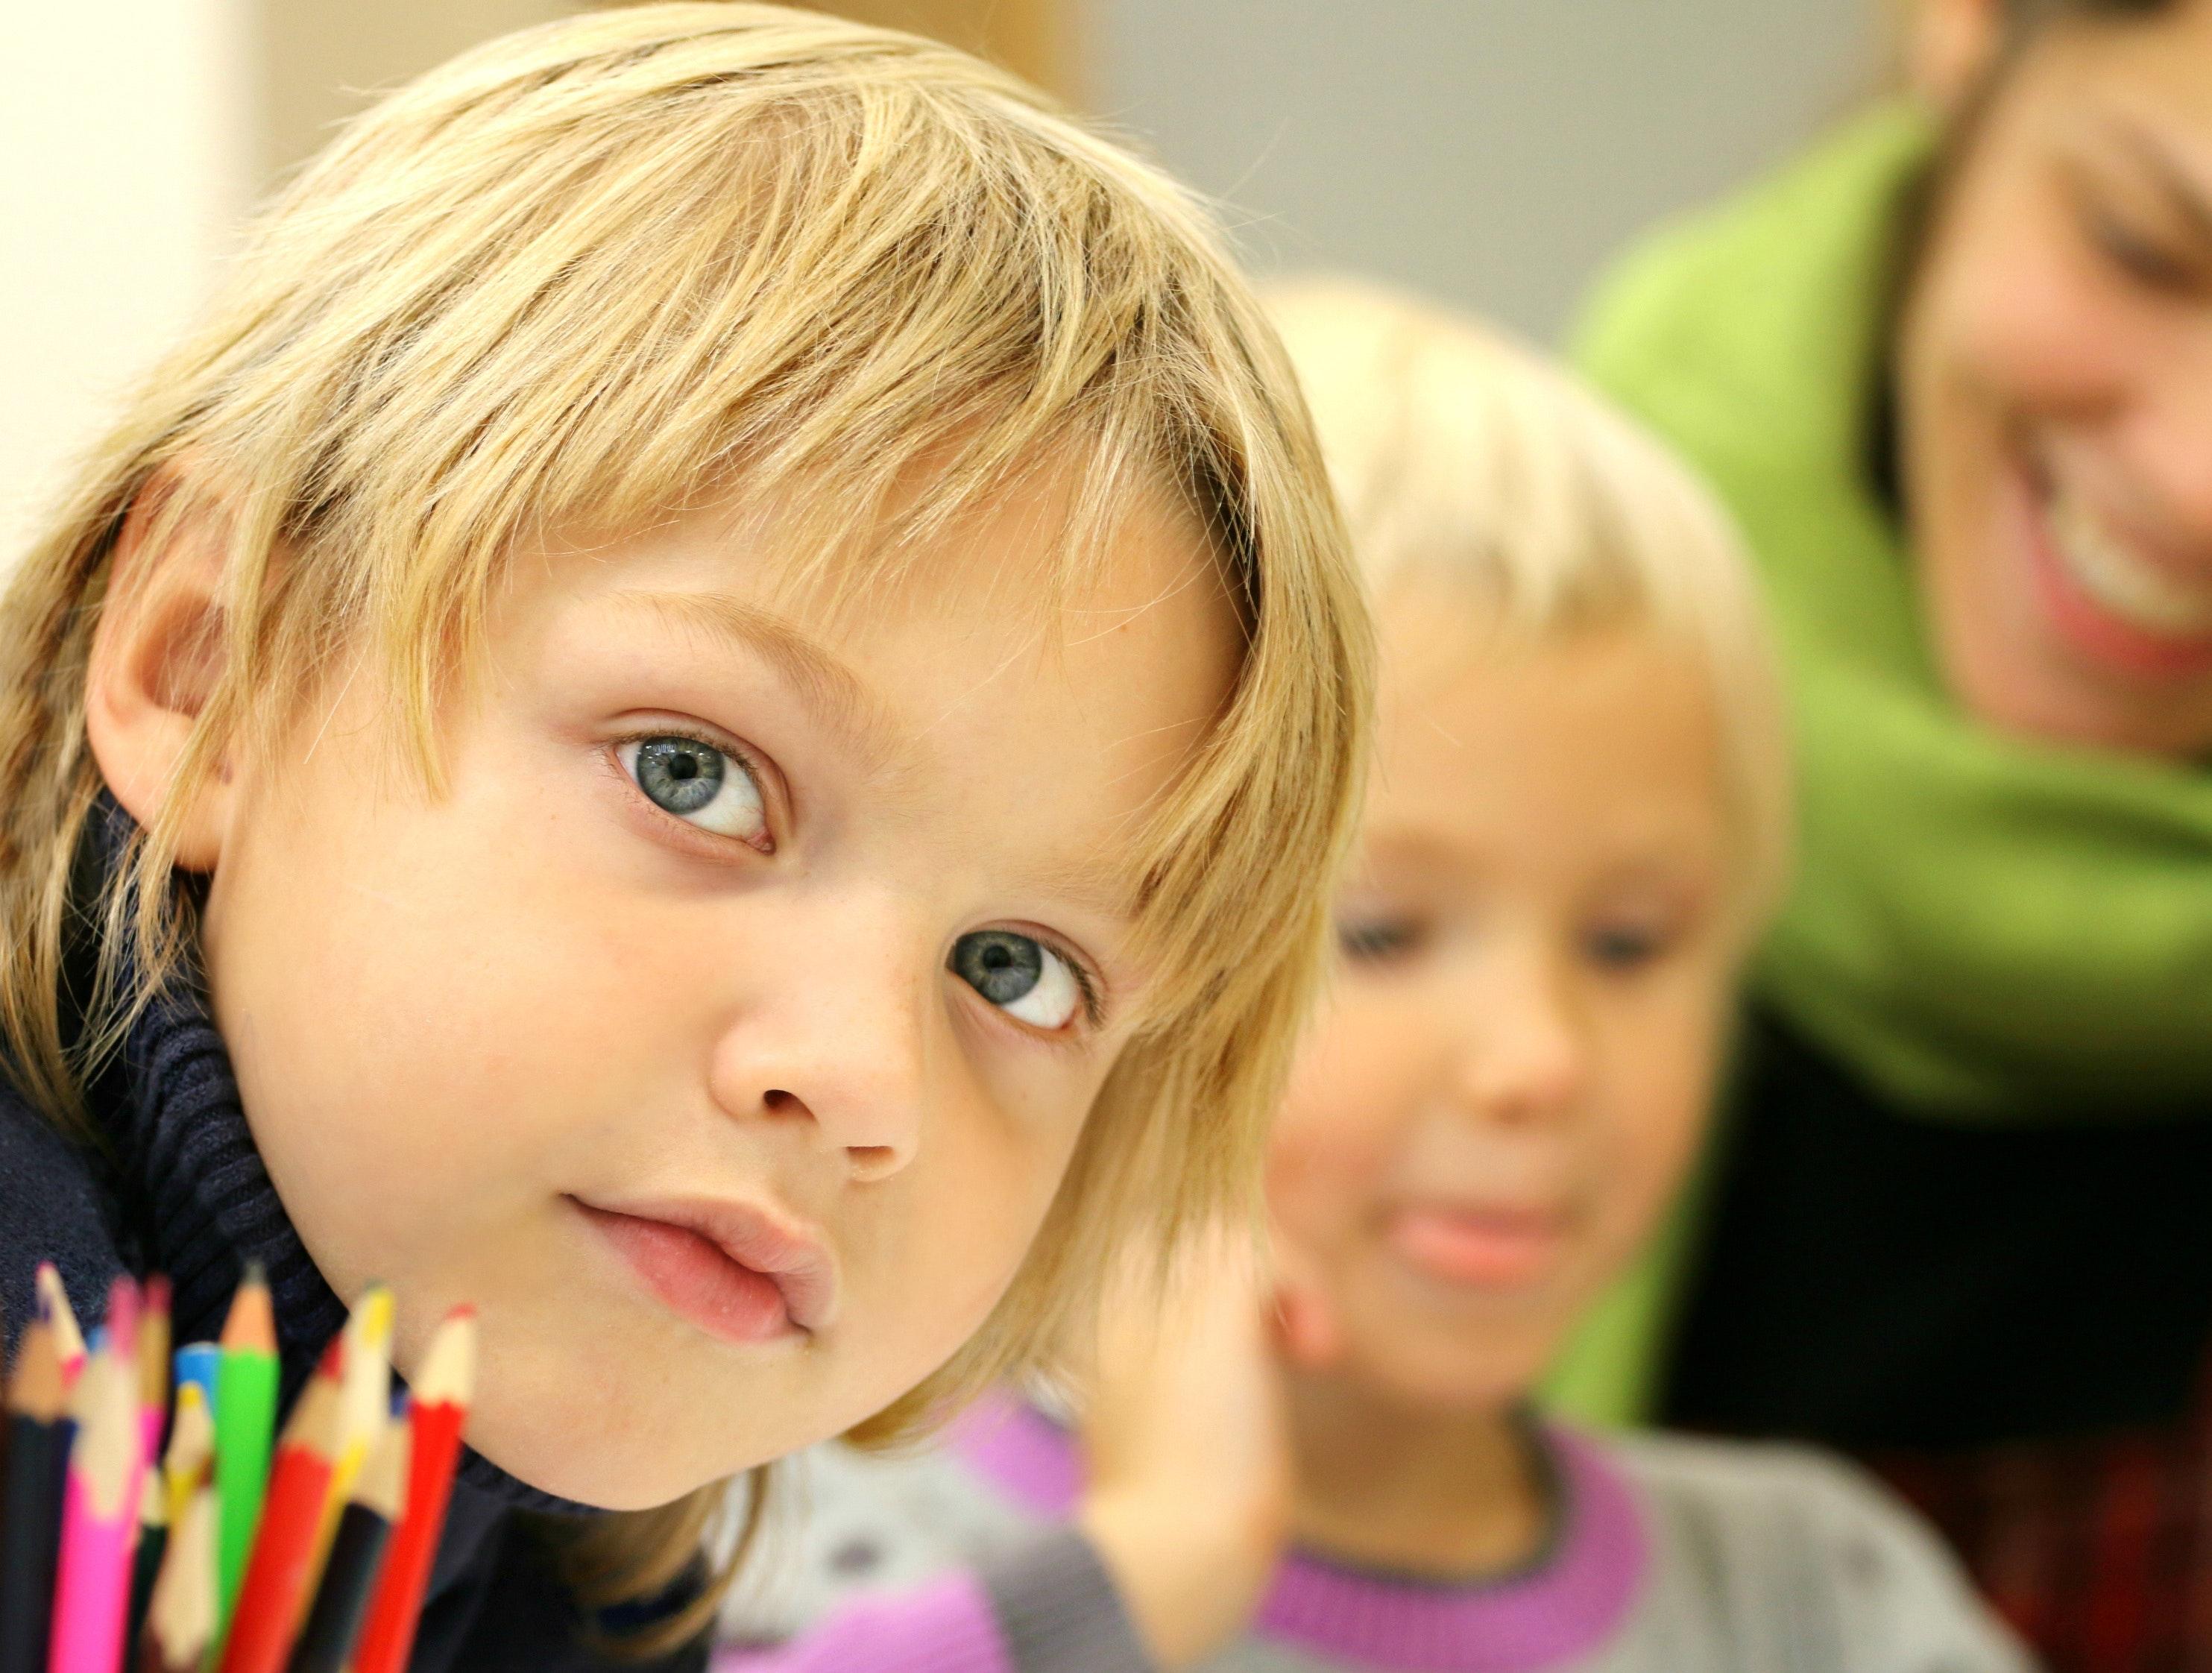 Nurseries and kindergartens